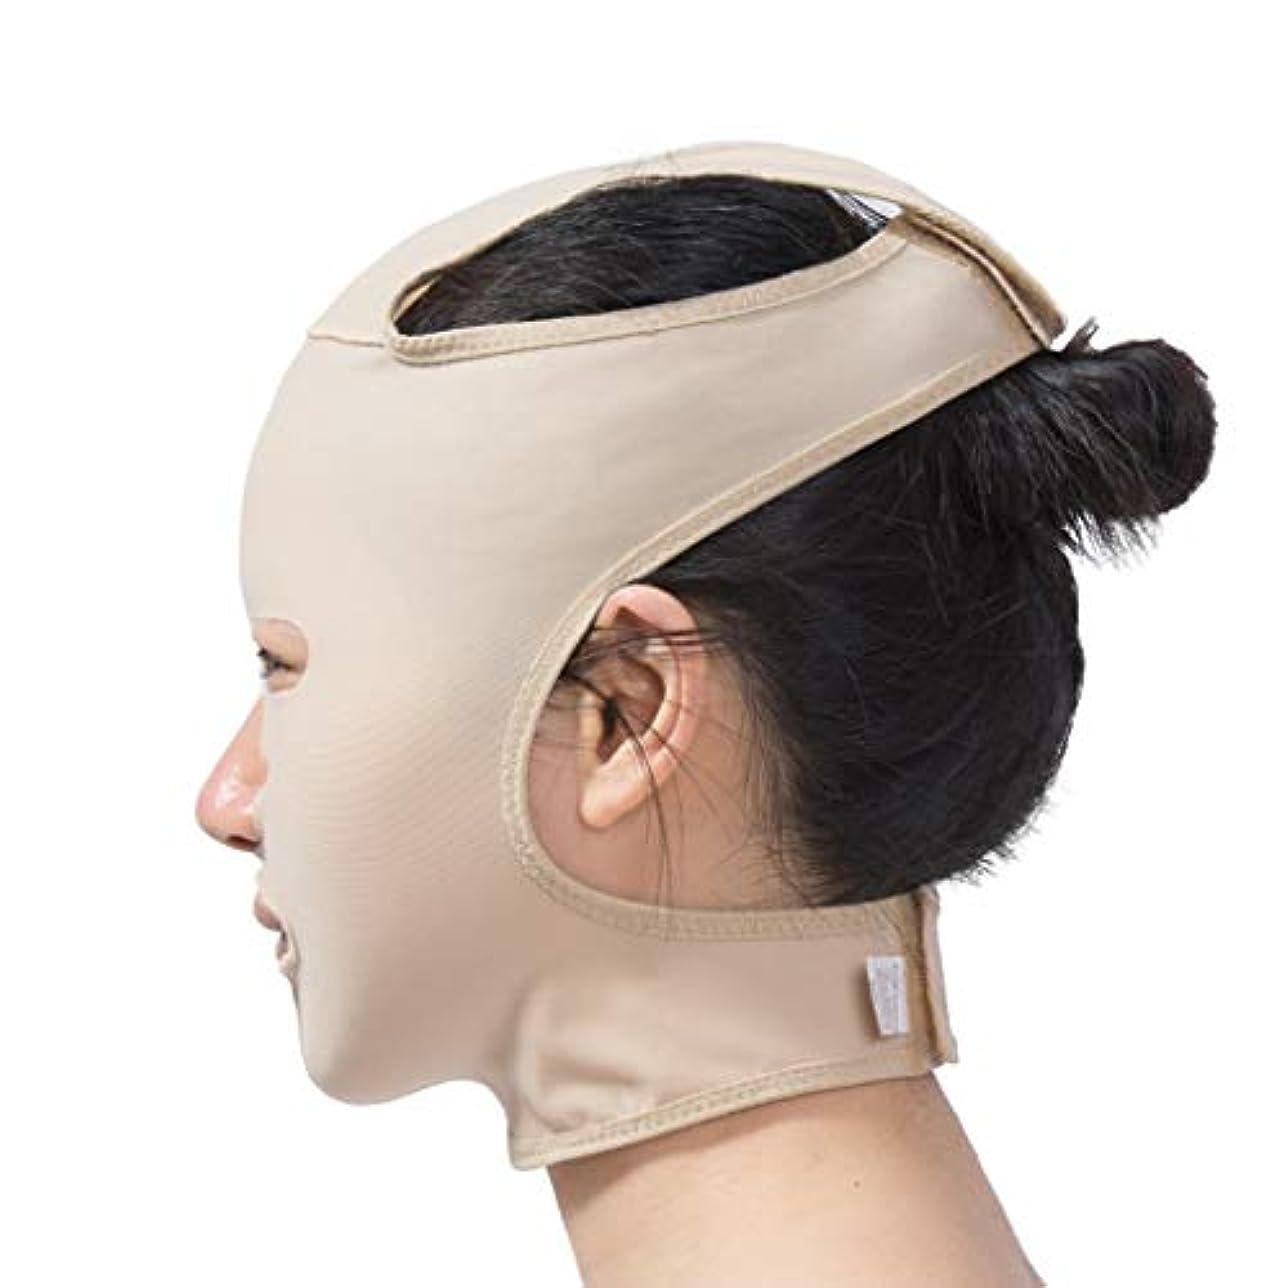 標準司法チチカカ湖XHLMRMJ フェイスリフトマスク、フルフェイスマスク医療グレード圧力フェイスダブルチンプラスチック脂肪吸引術弾性包帯ヘッドギア後の顔の脂肪吸引術 (Size : XL)